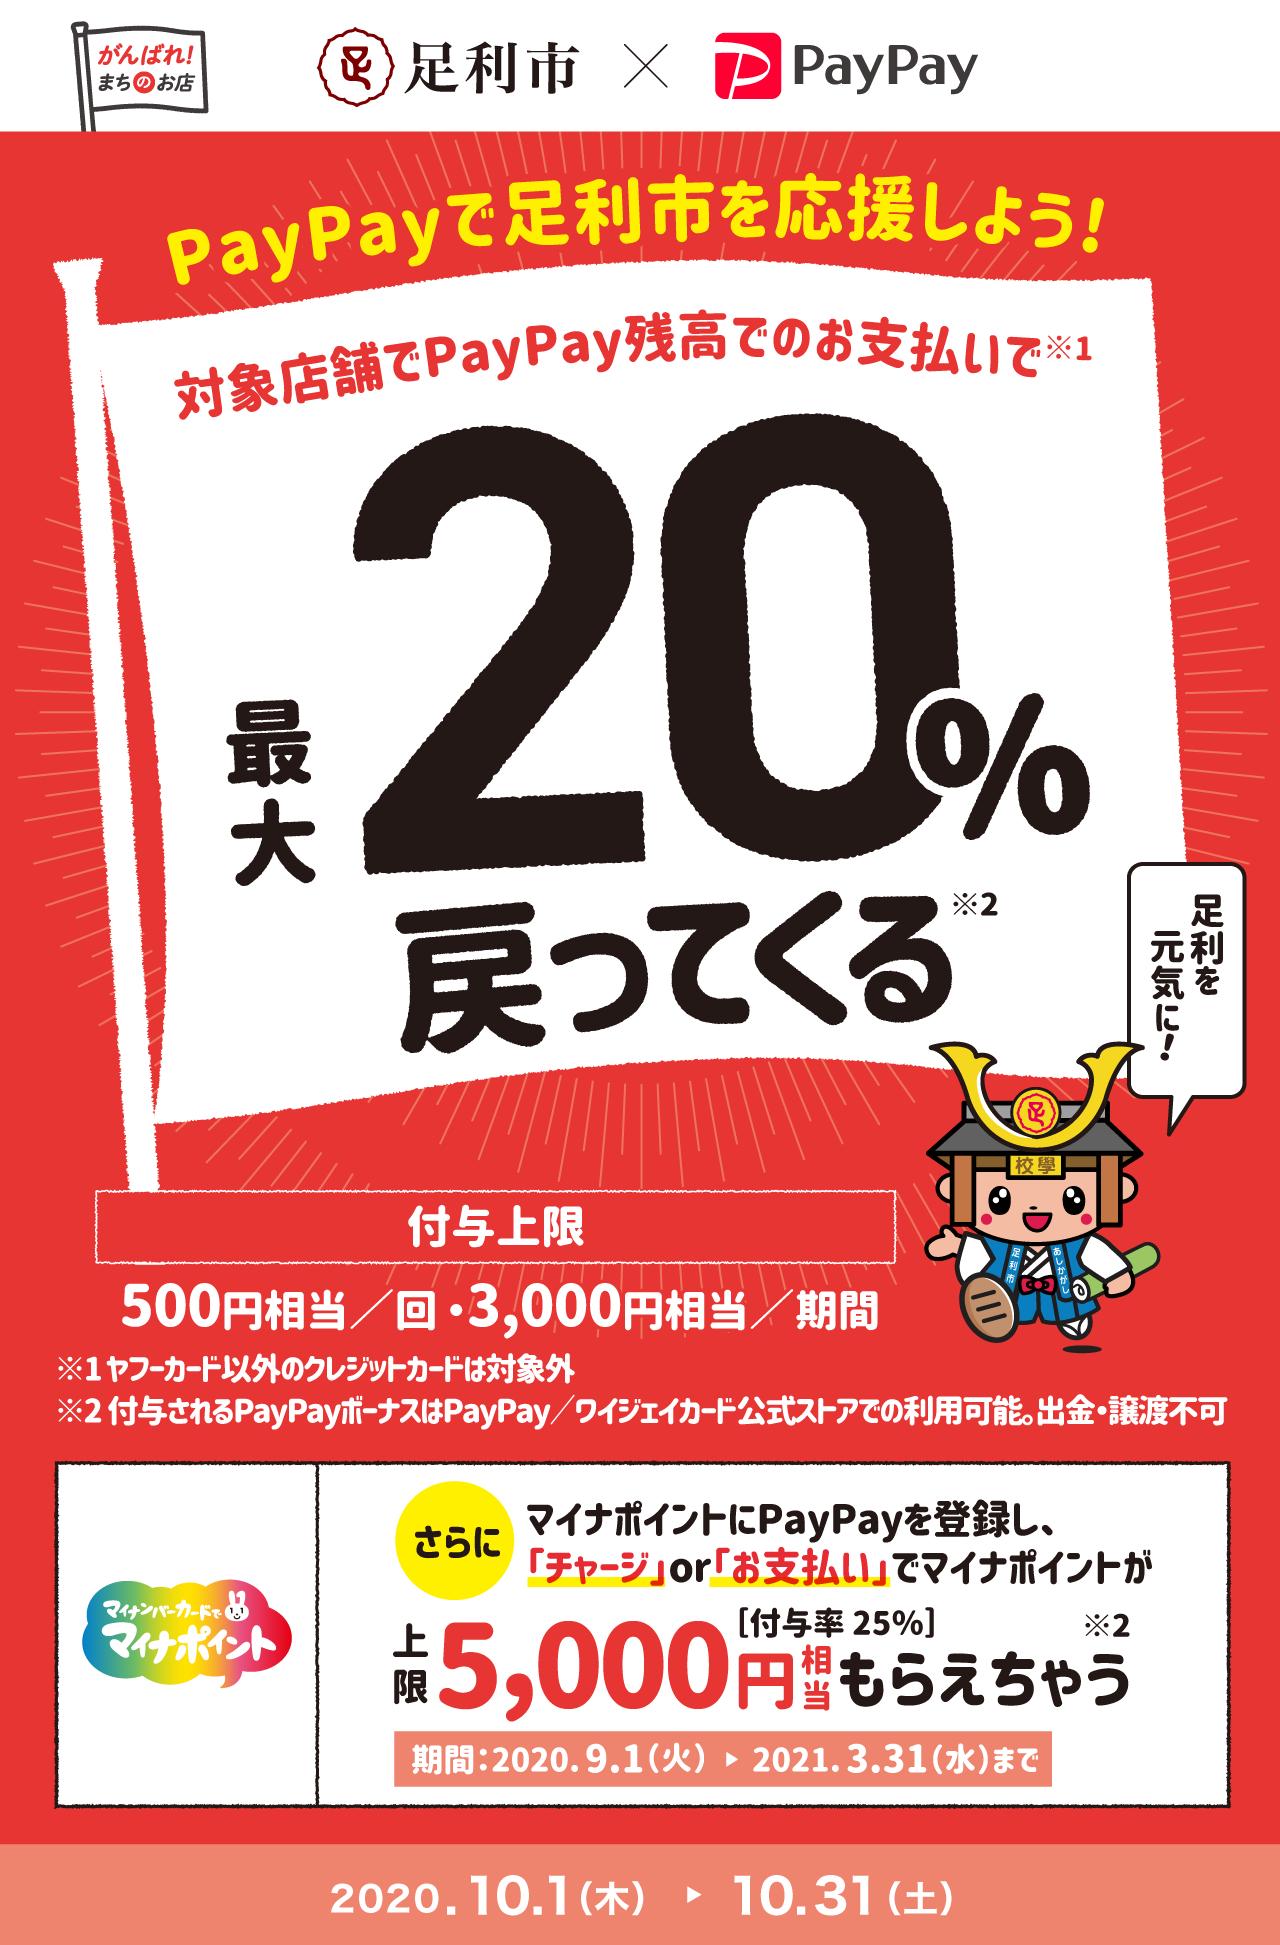 PayPayで足利市を応援しよう! 対象店舗でPayPay残高でのお支払いで最大20%戻ってくる